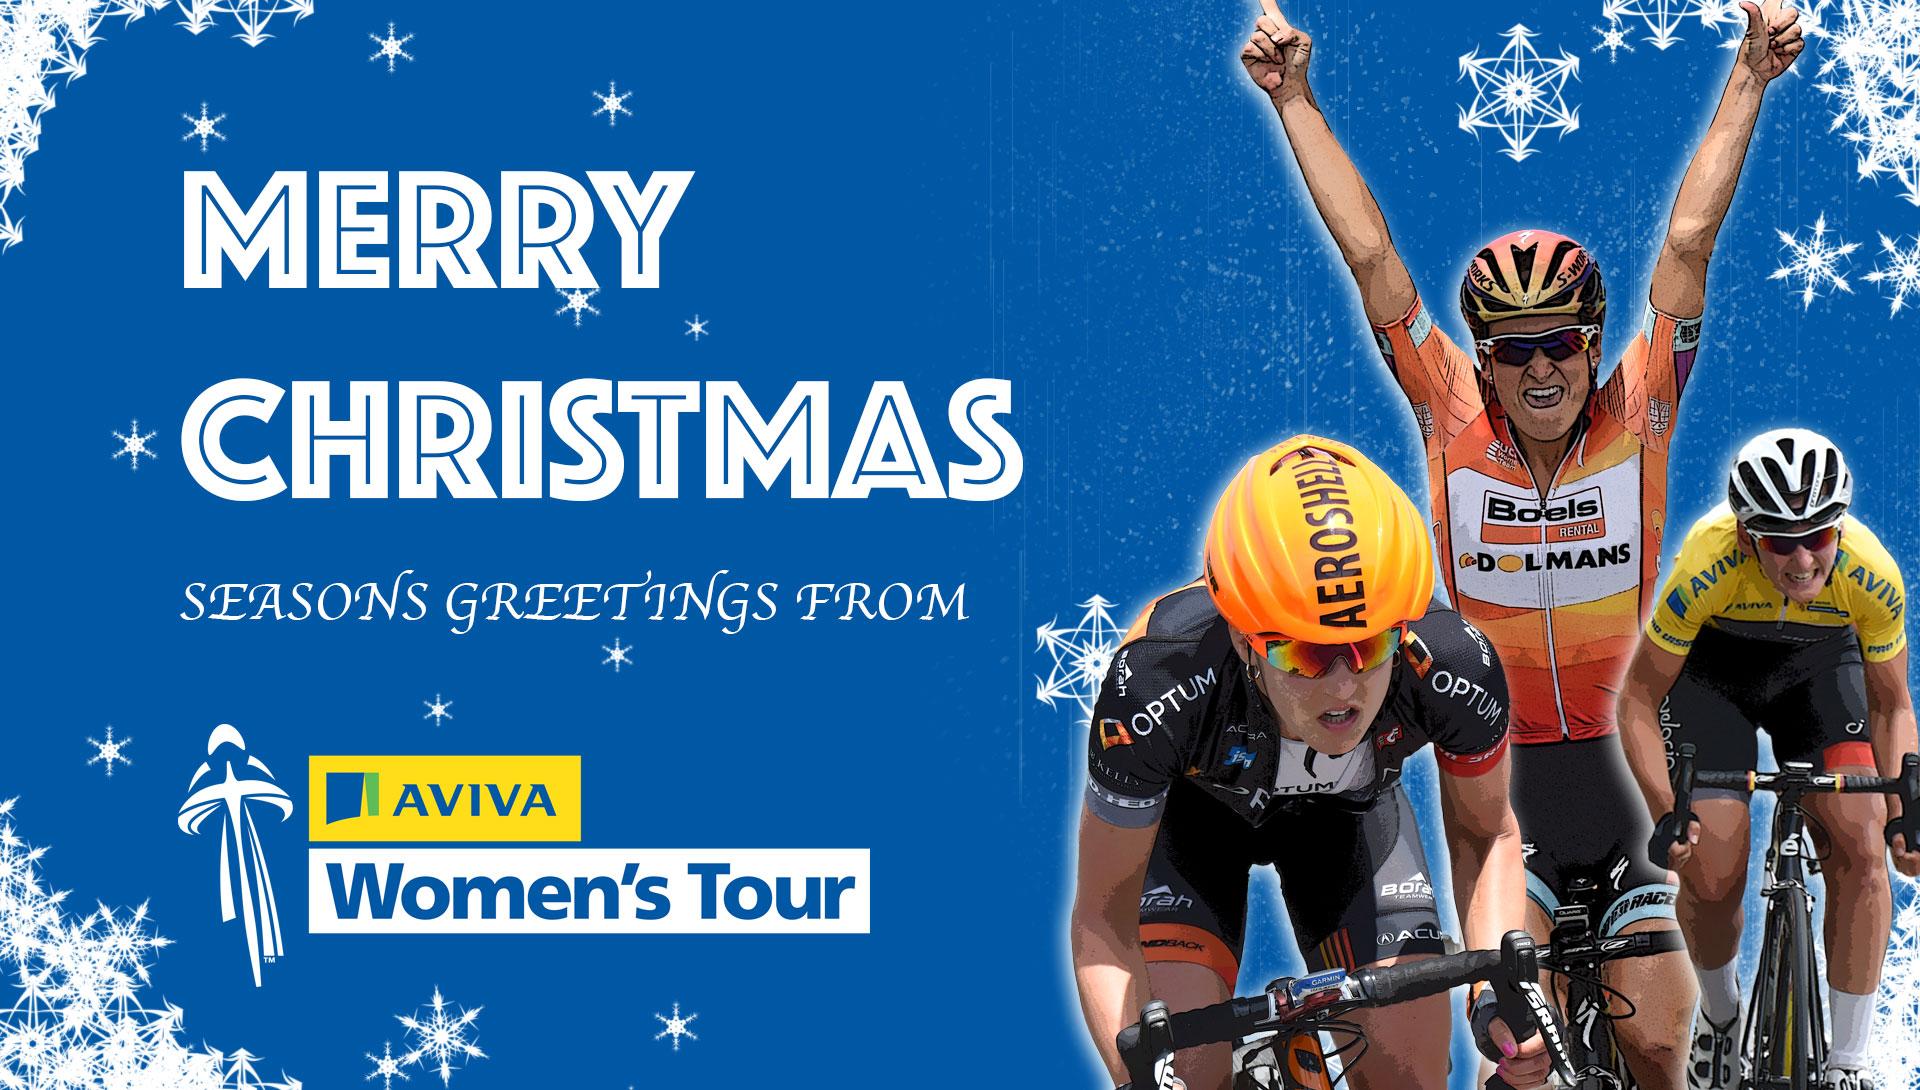 Merry Christmas from the Aviva Women's Tour